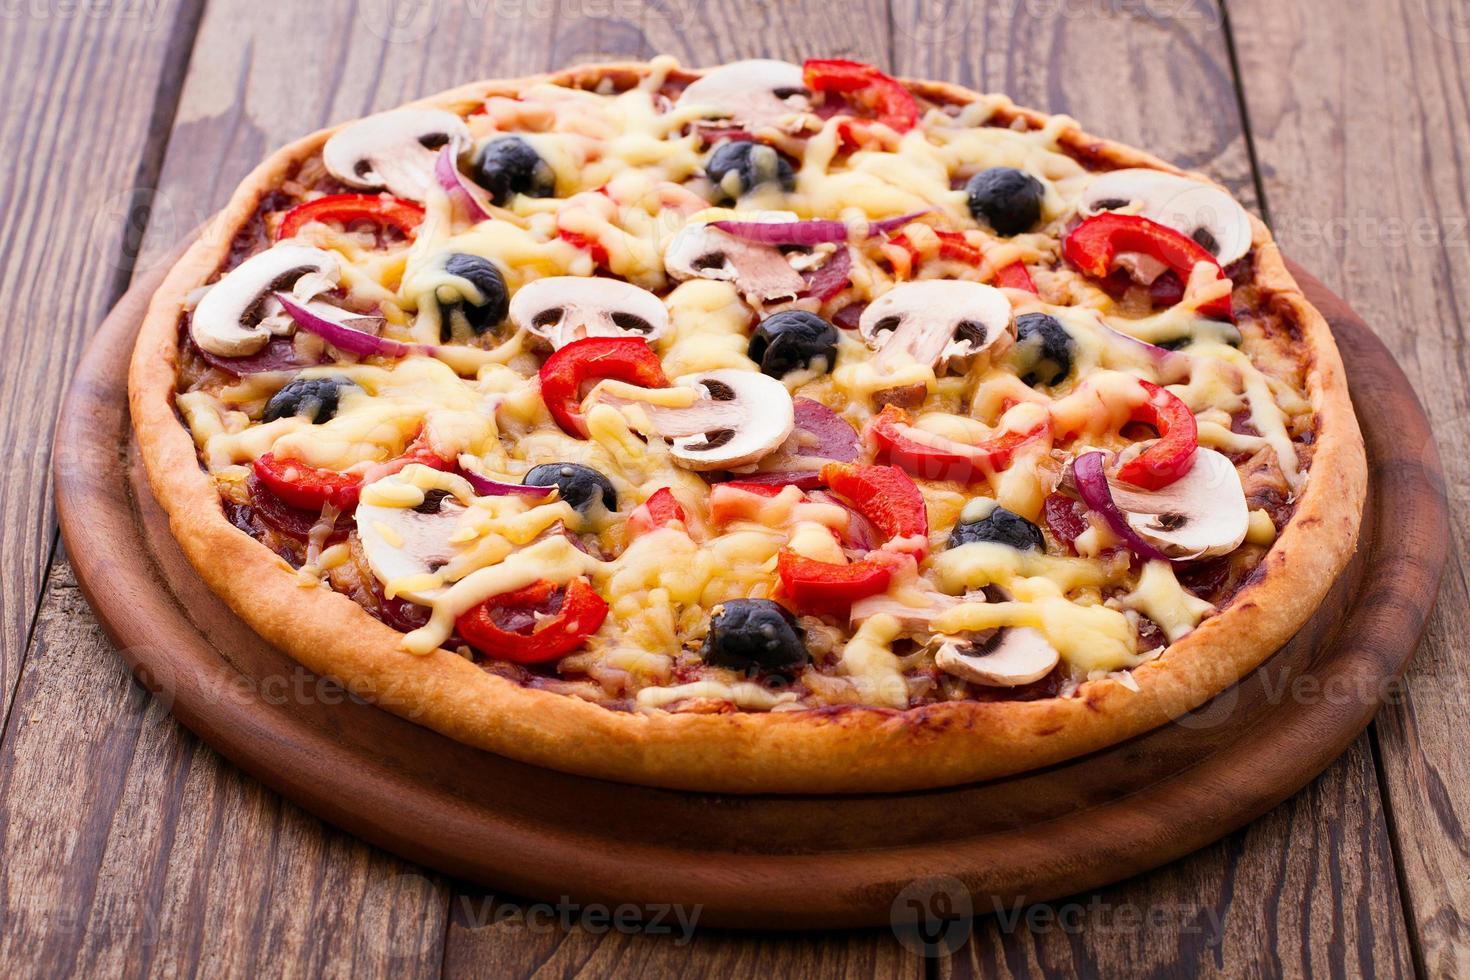 pizza com frutos do mar na mesa de madeira foto